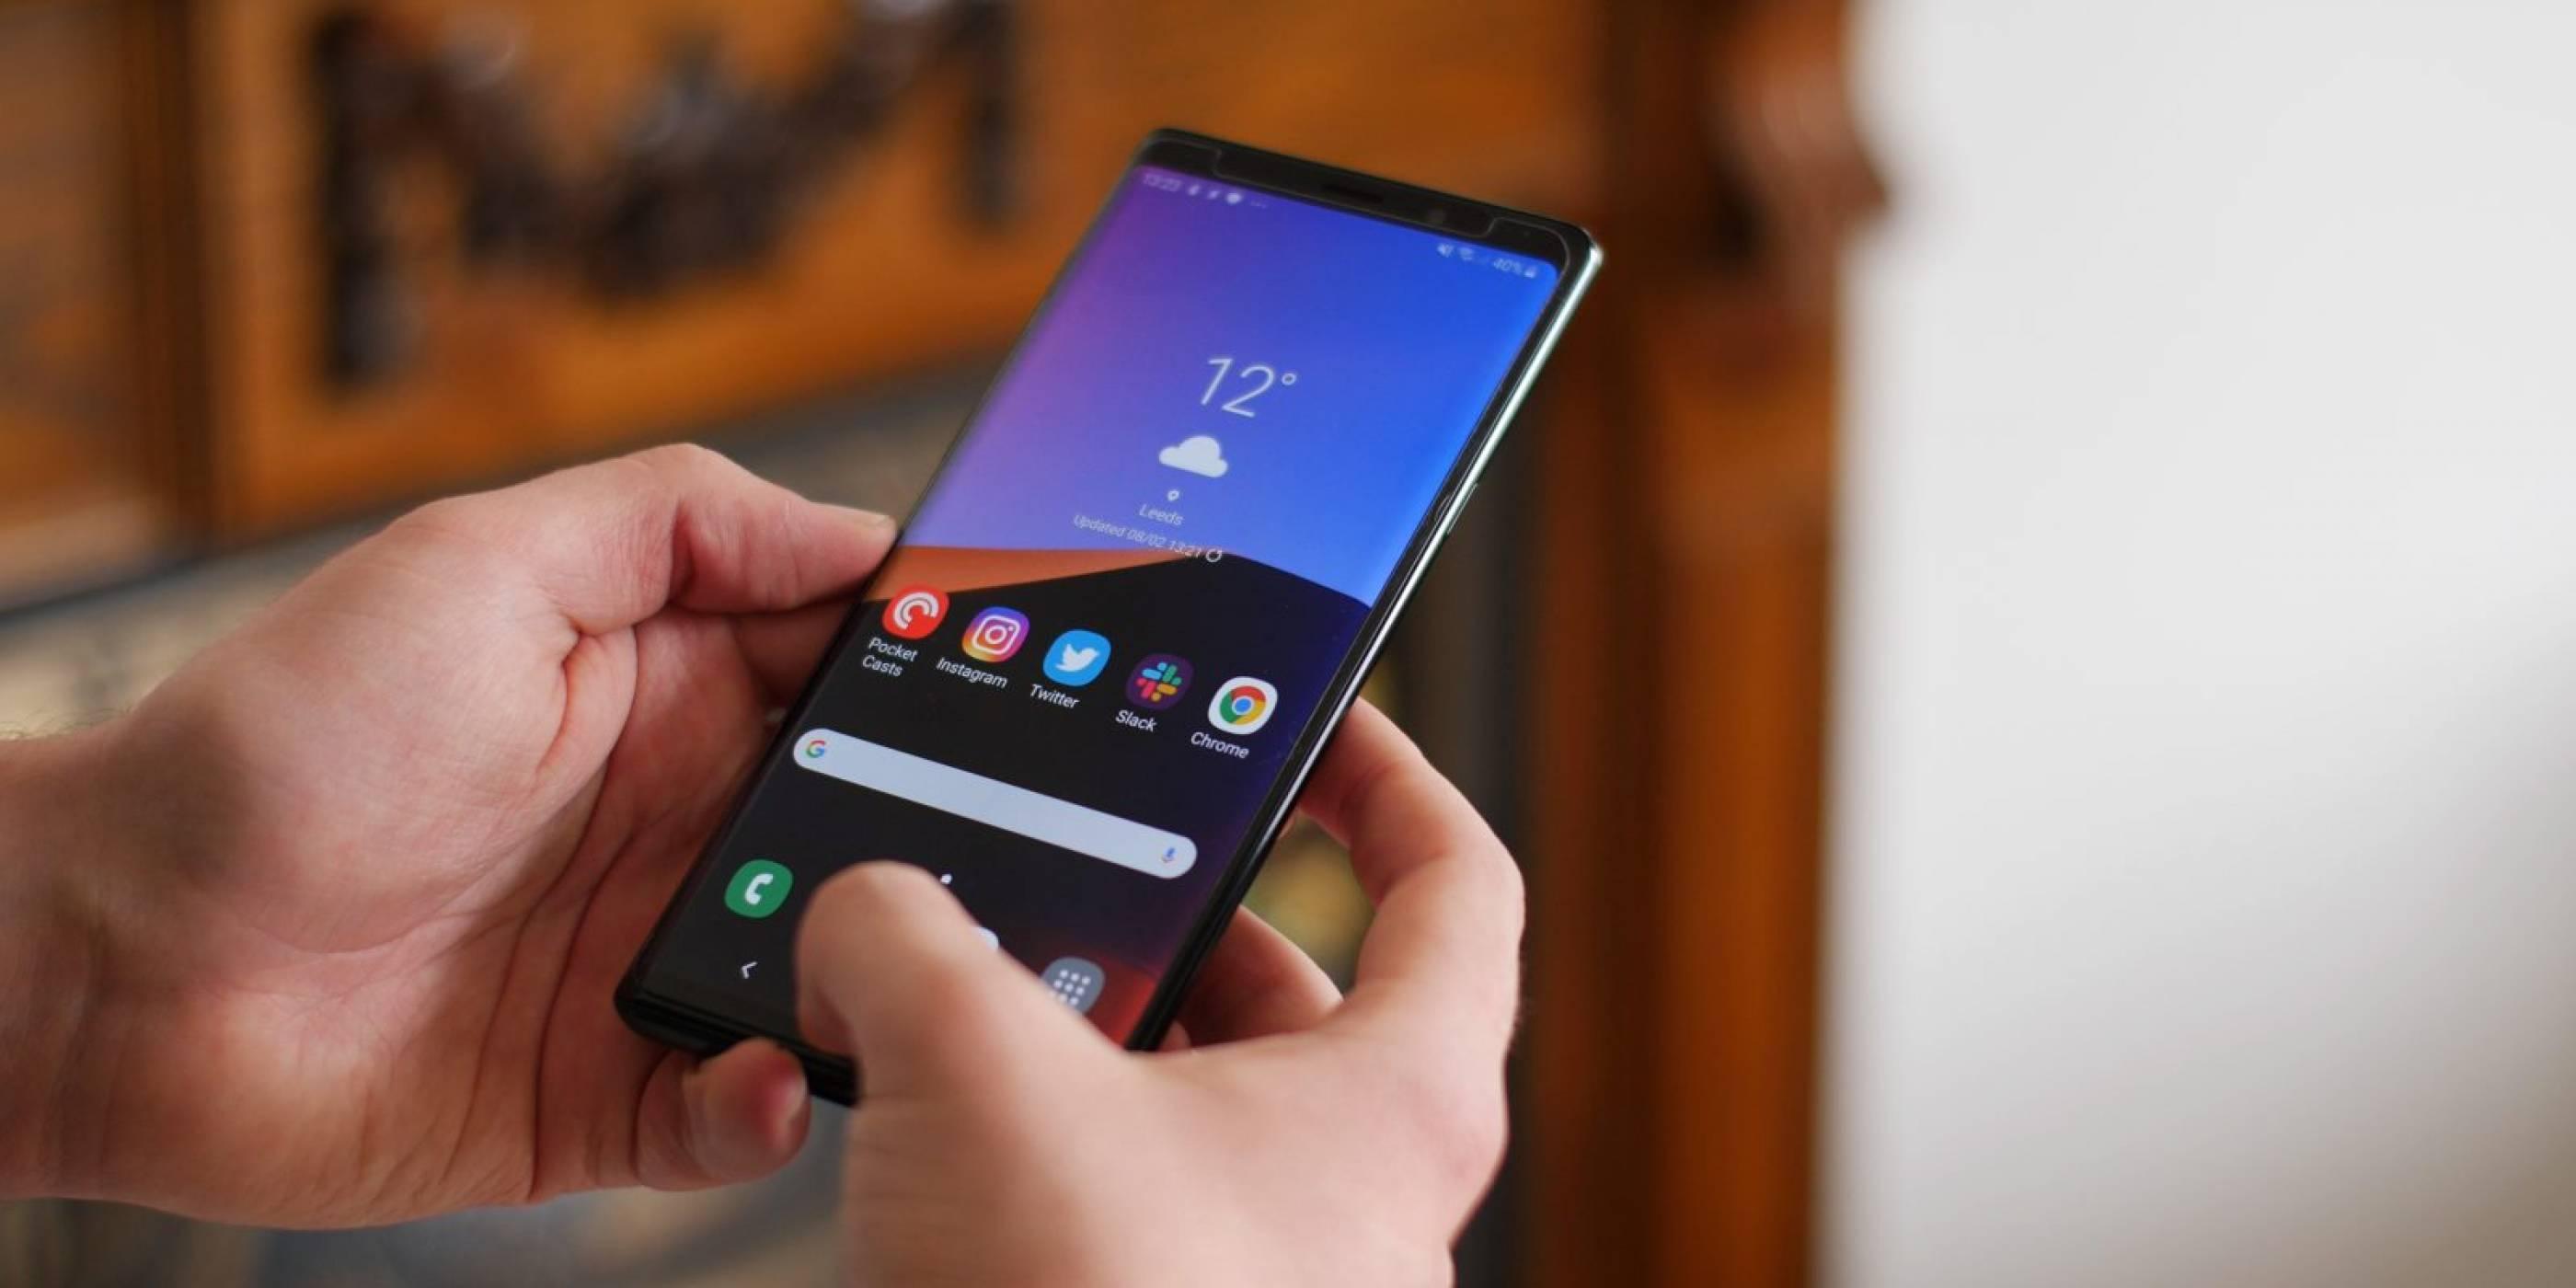 Galaxy Note 10 оставя конкурентите в прахта с уникална аудио технология